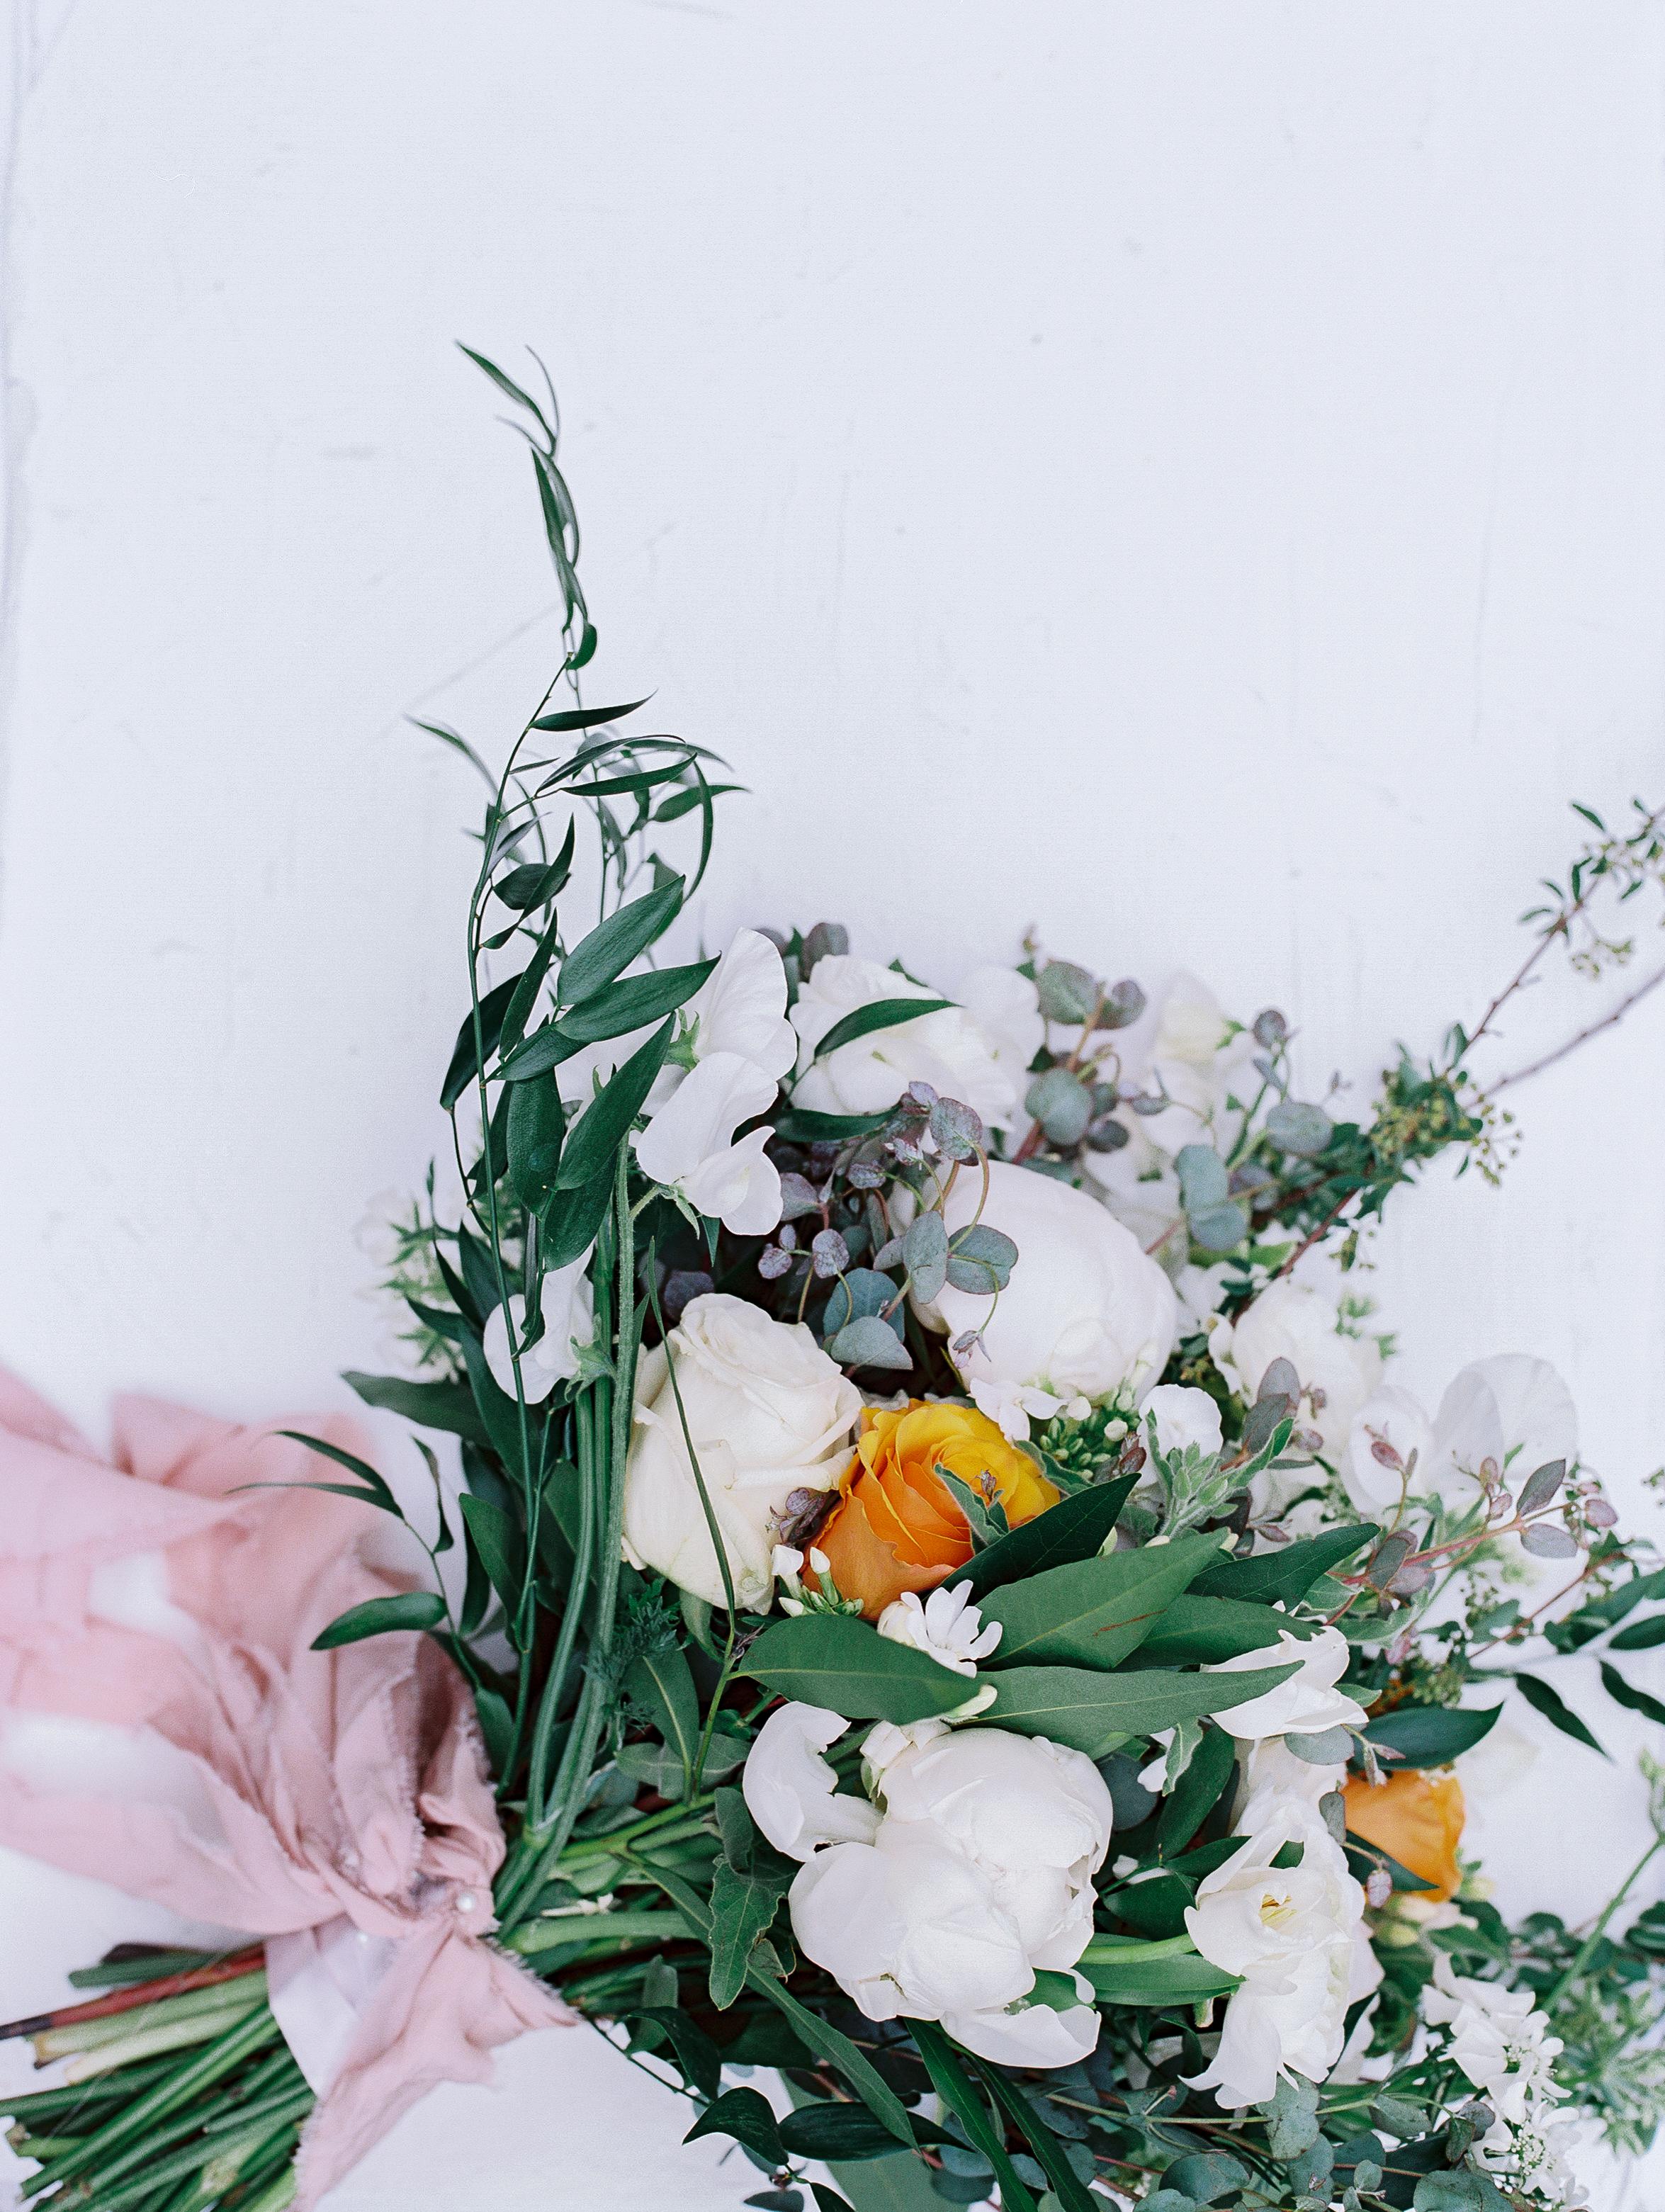 weddingaltadenatowncountryclubrachelallendetails-29.jpg